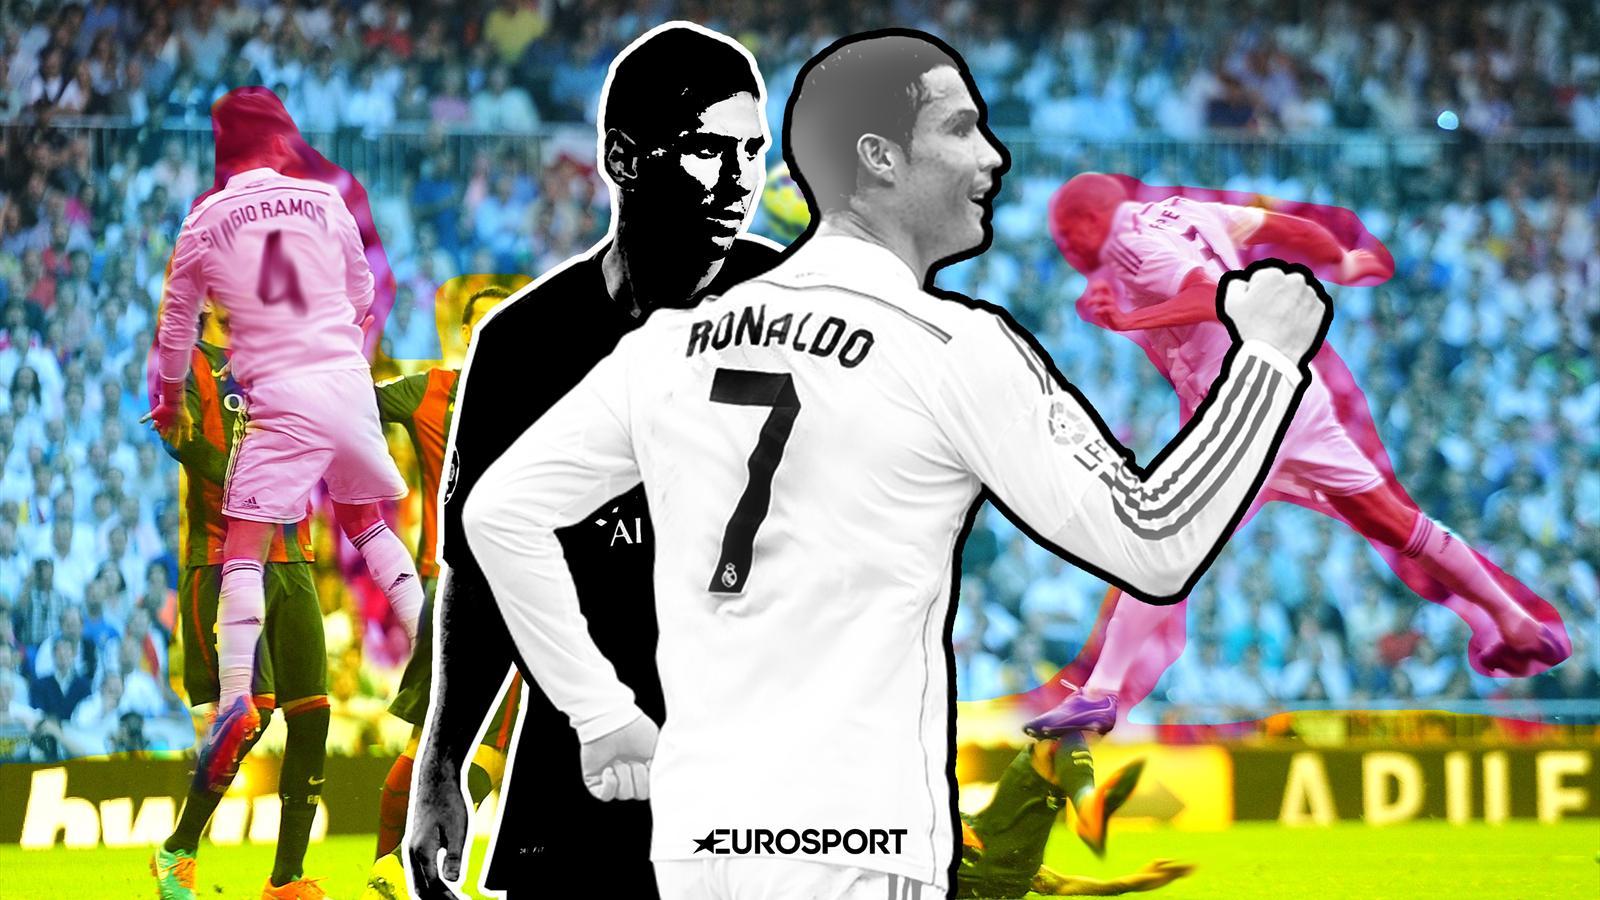 Месси против Роналду: 2015 год в цифрах